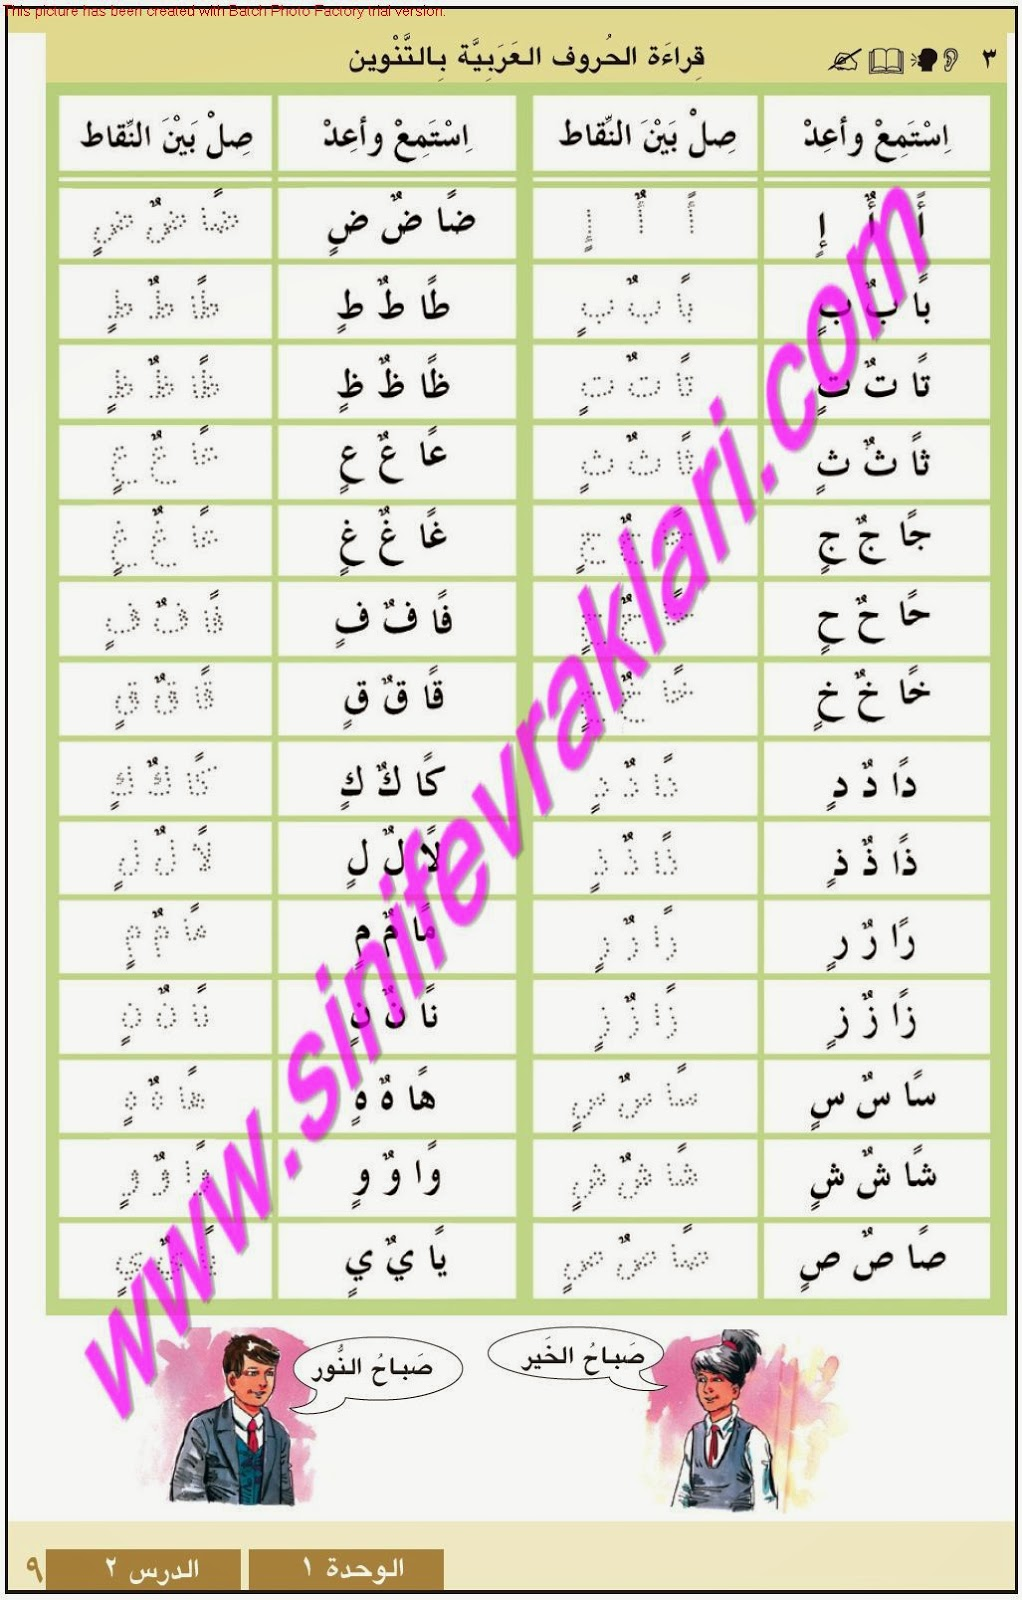 9sınıf Arapça Meb Yayınları Ders Kitabı Cevapları Sayfa 9 çalışma